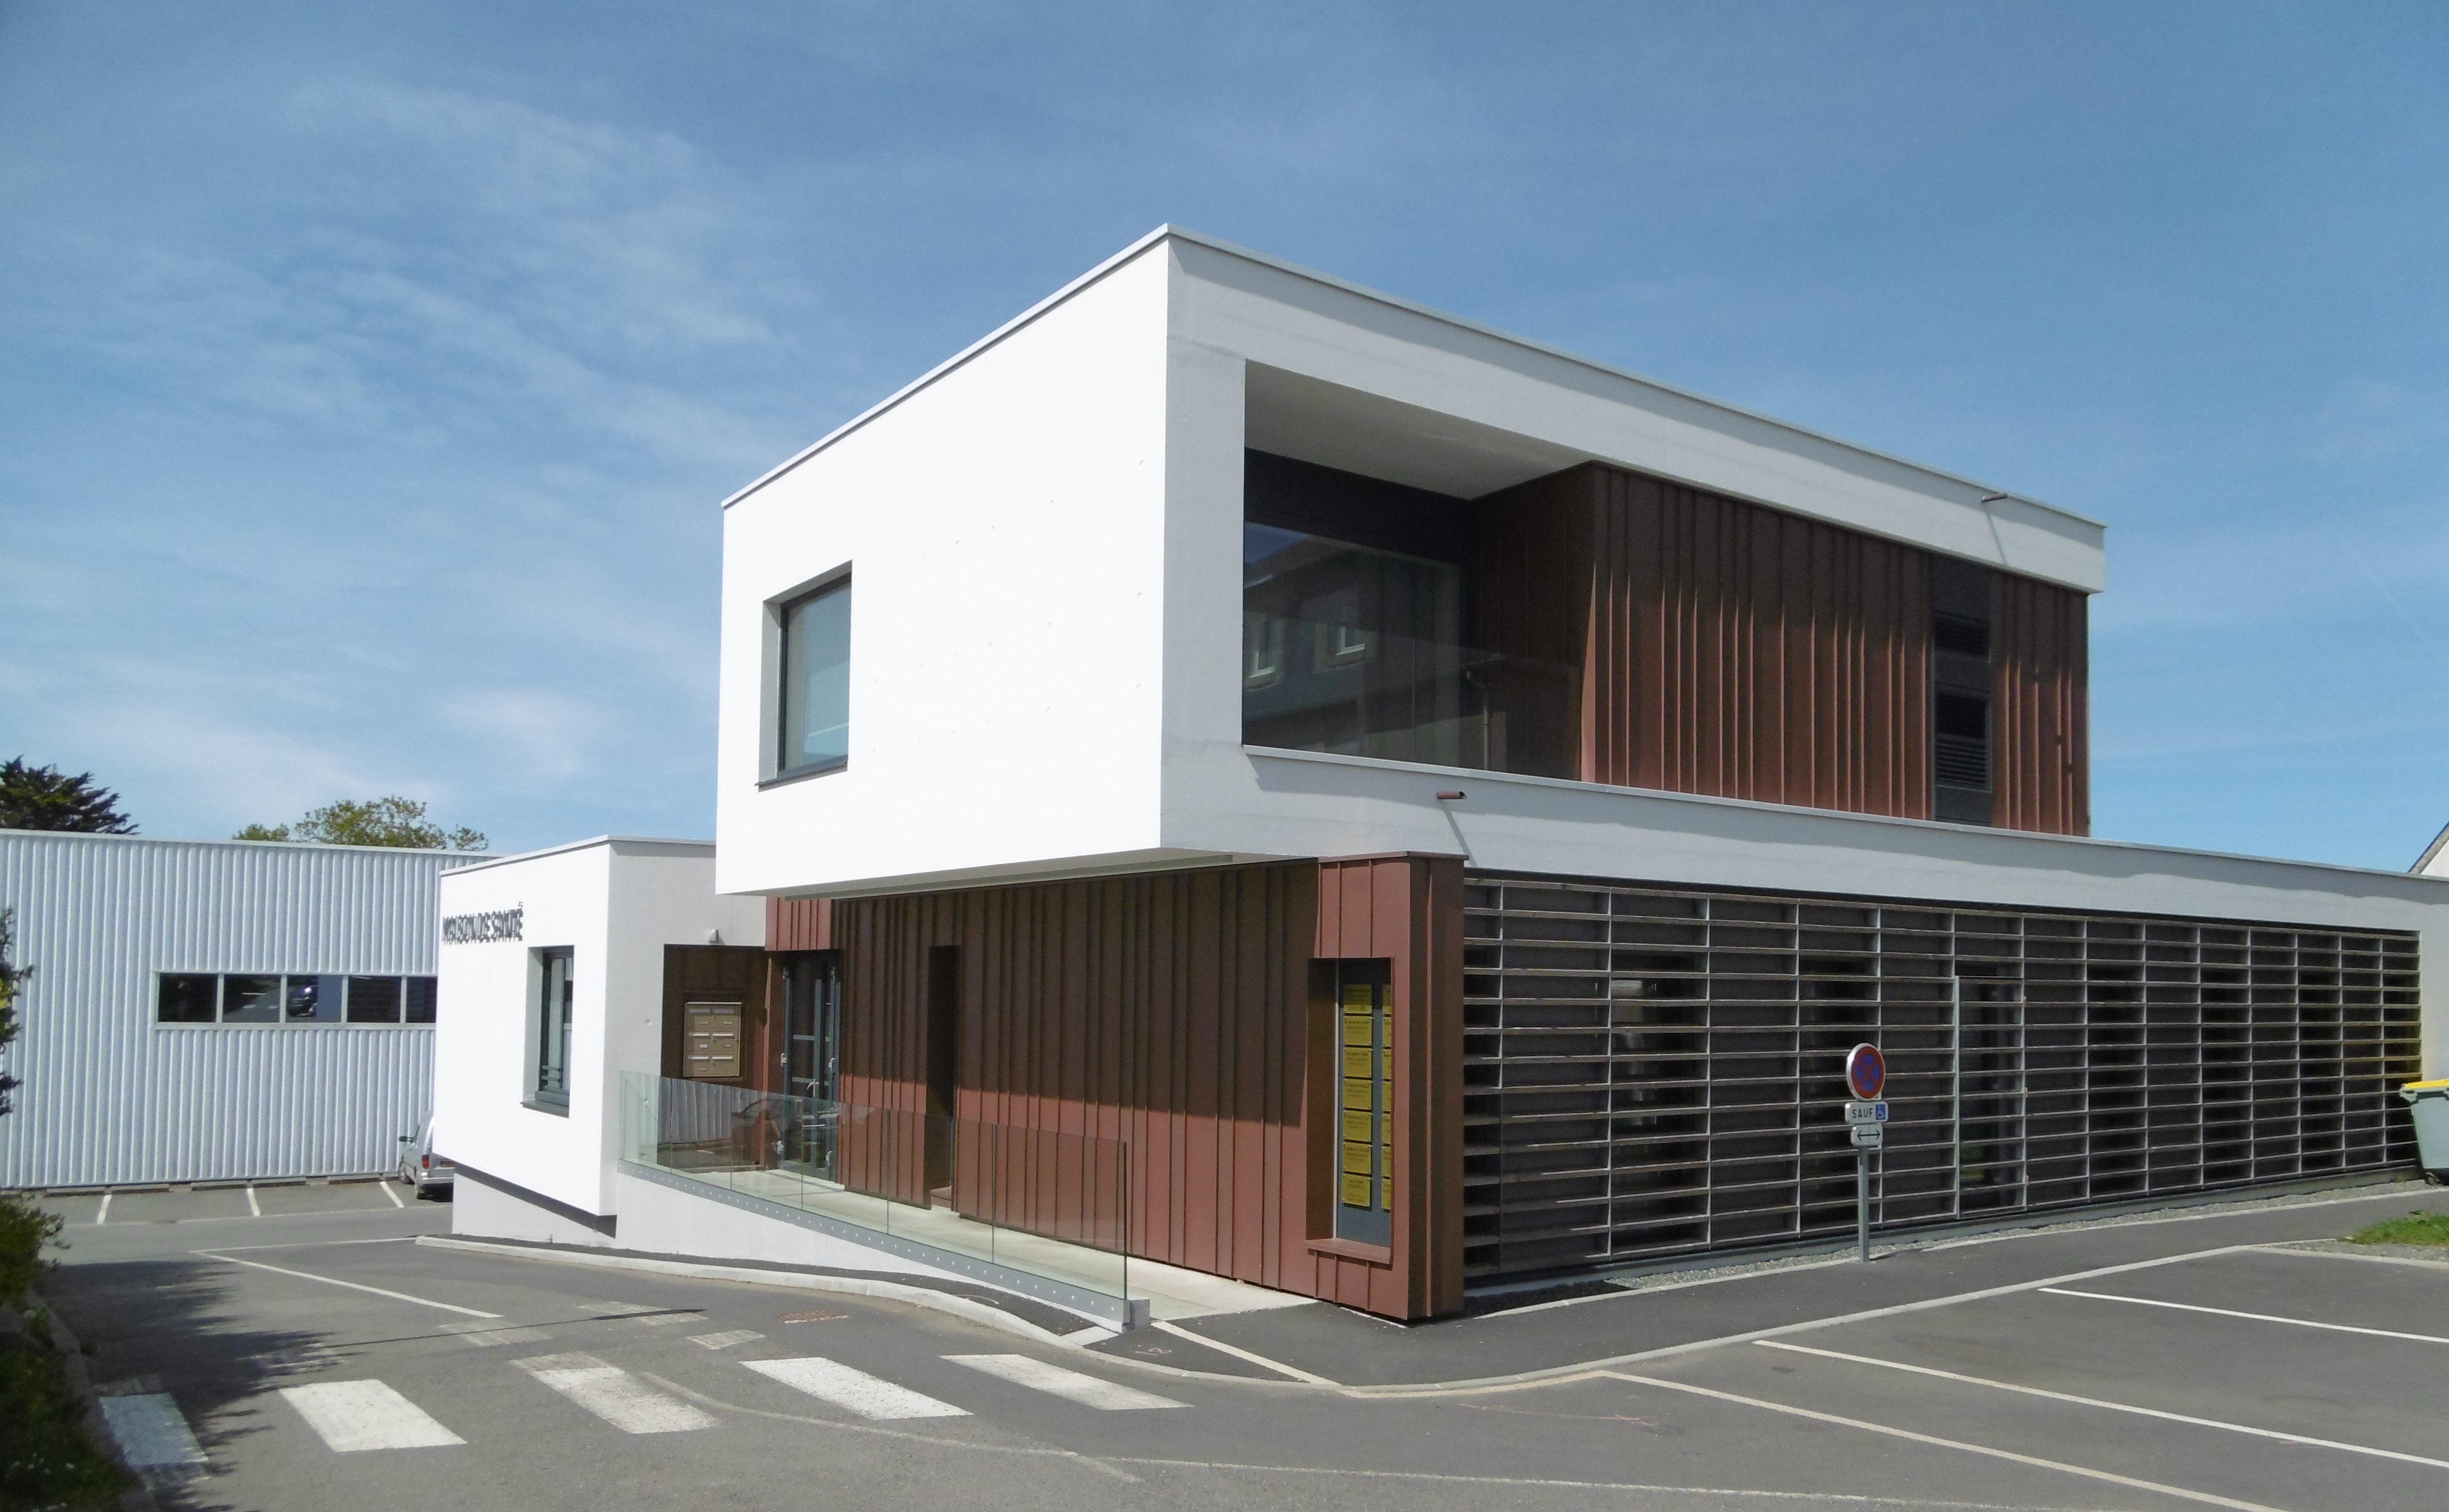 Maison de la santé - Site officiel de la ville de Trébeurden